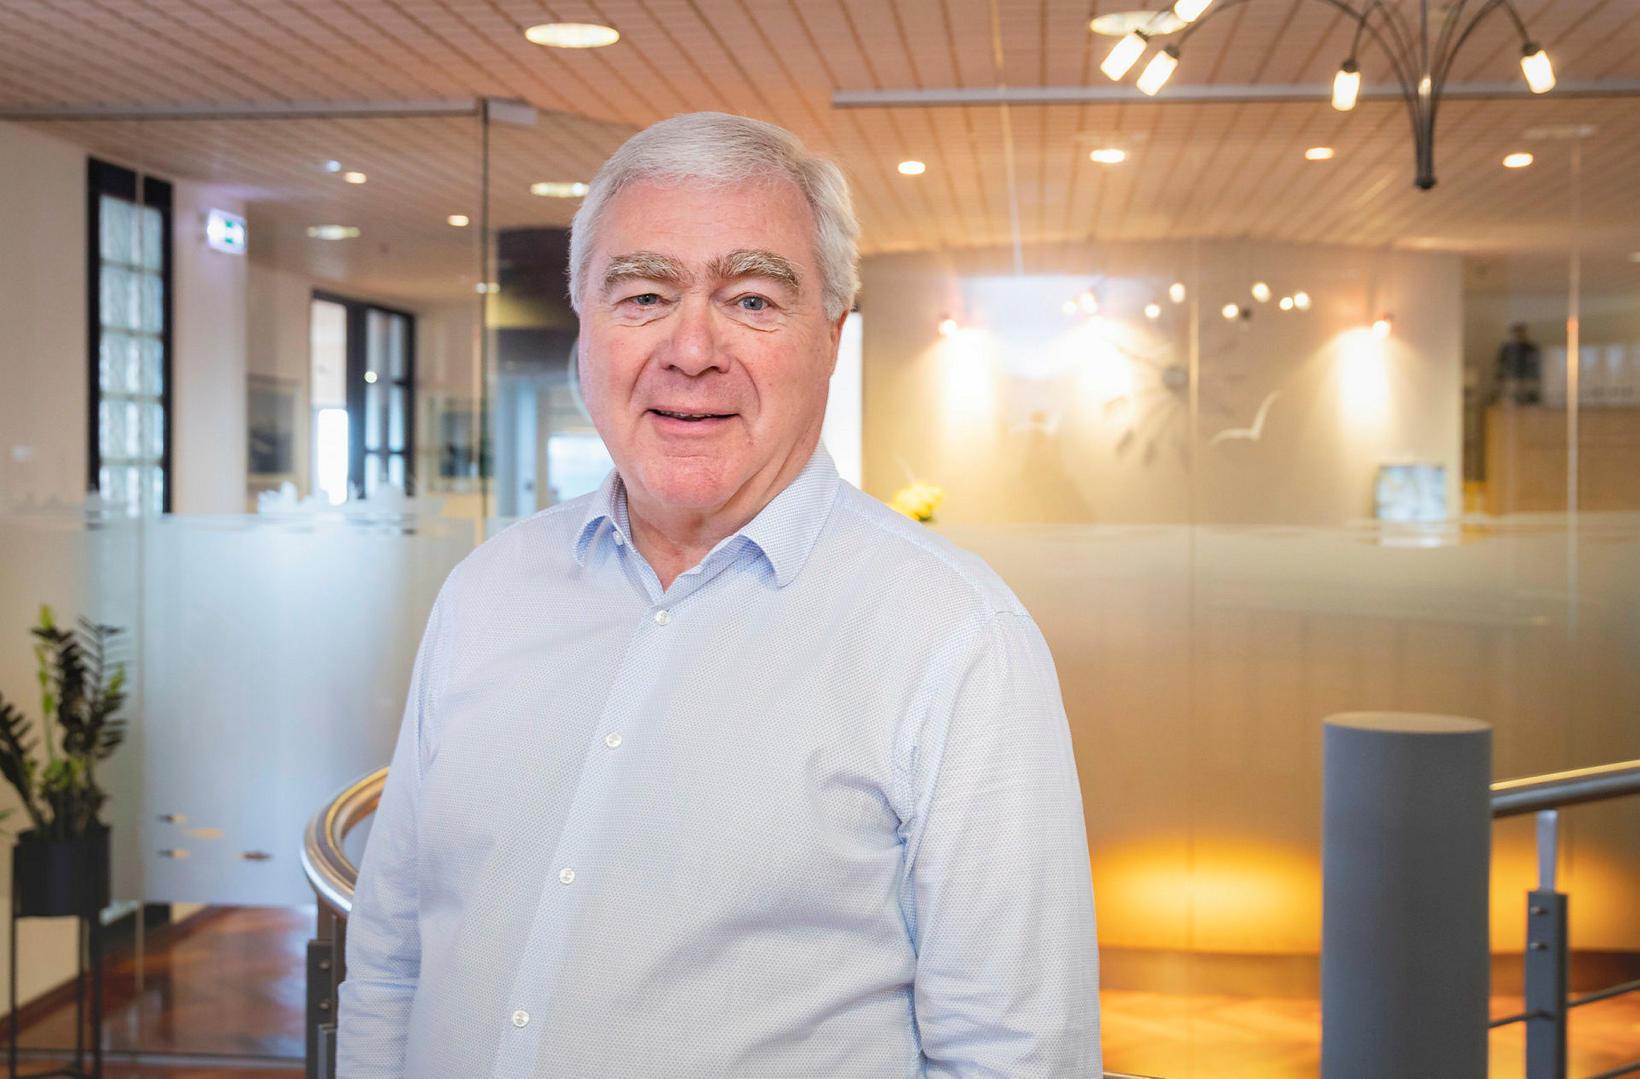 Haraldur Reynir Jónsson.